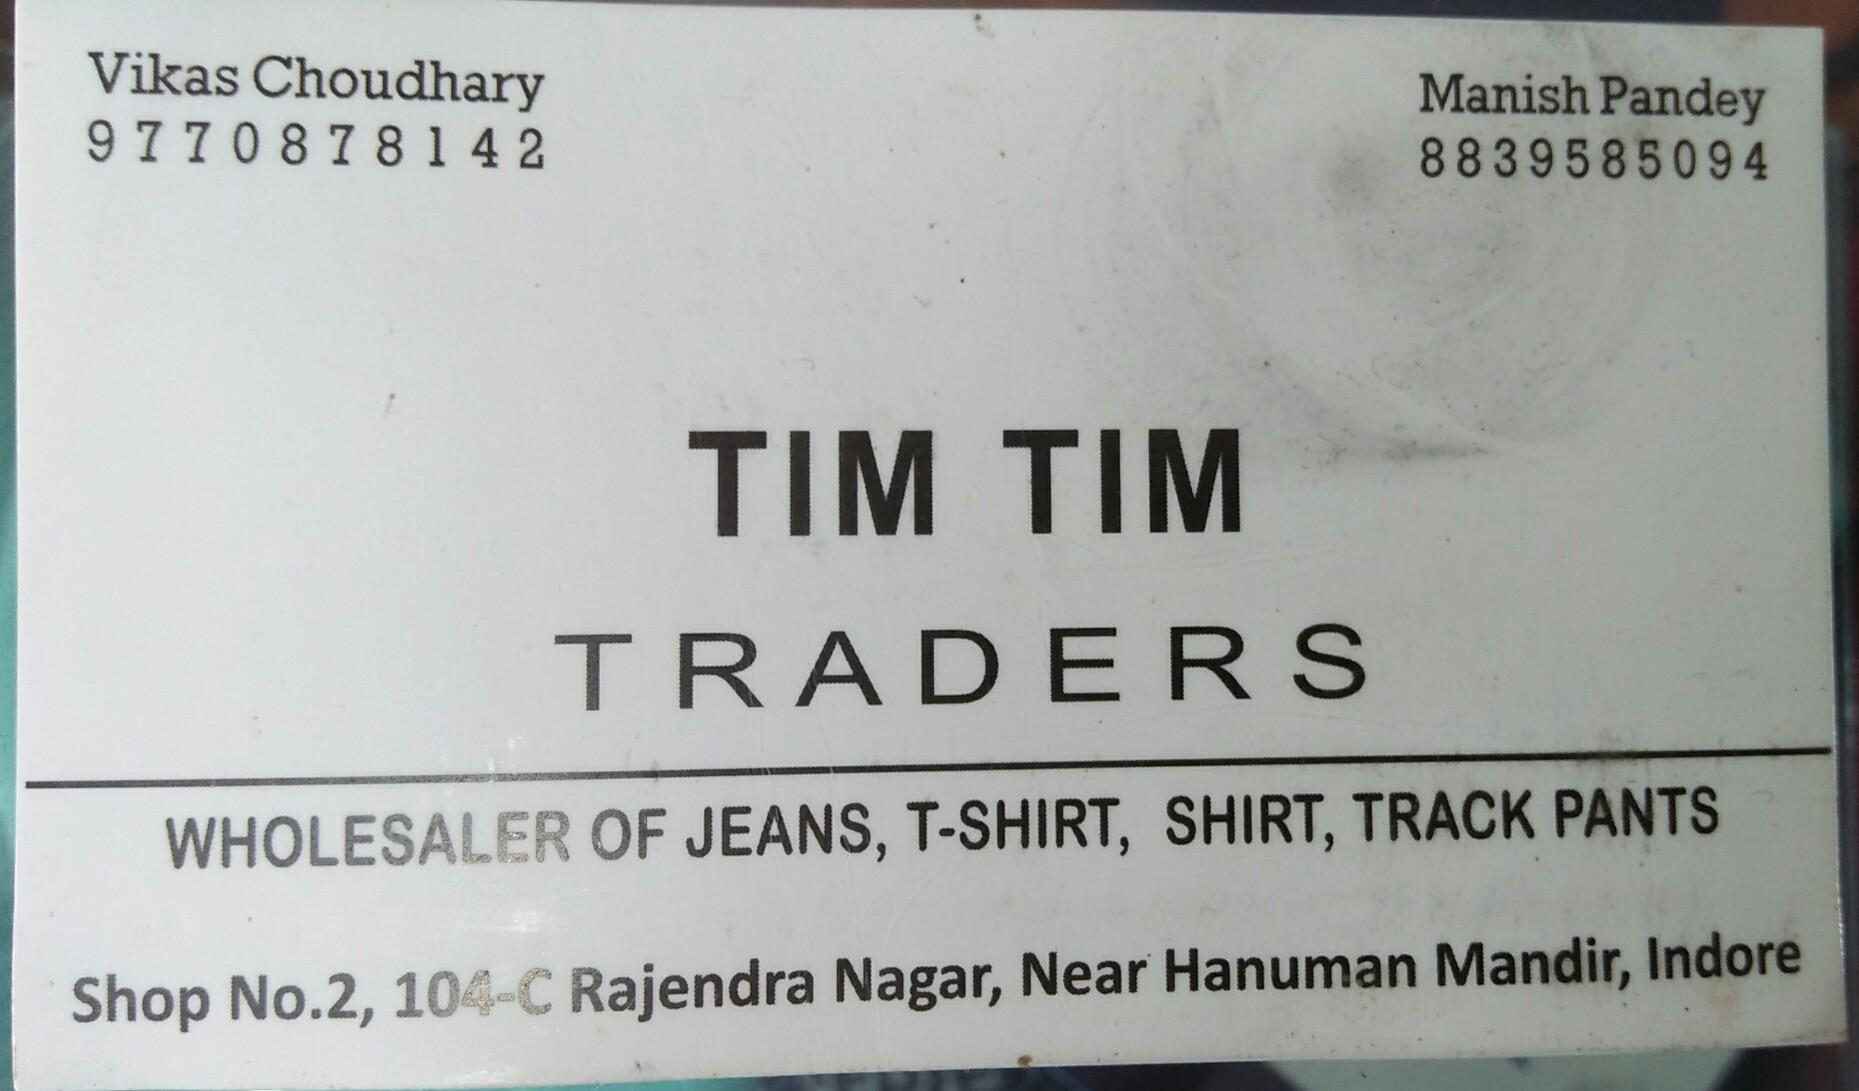 Tim Tim traders